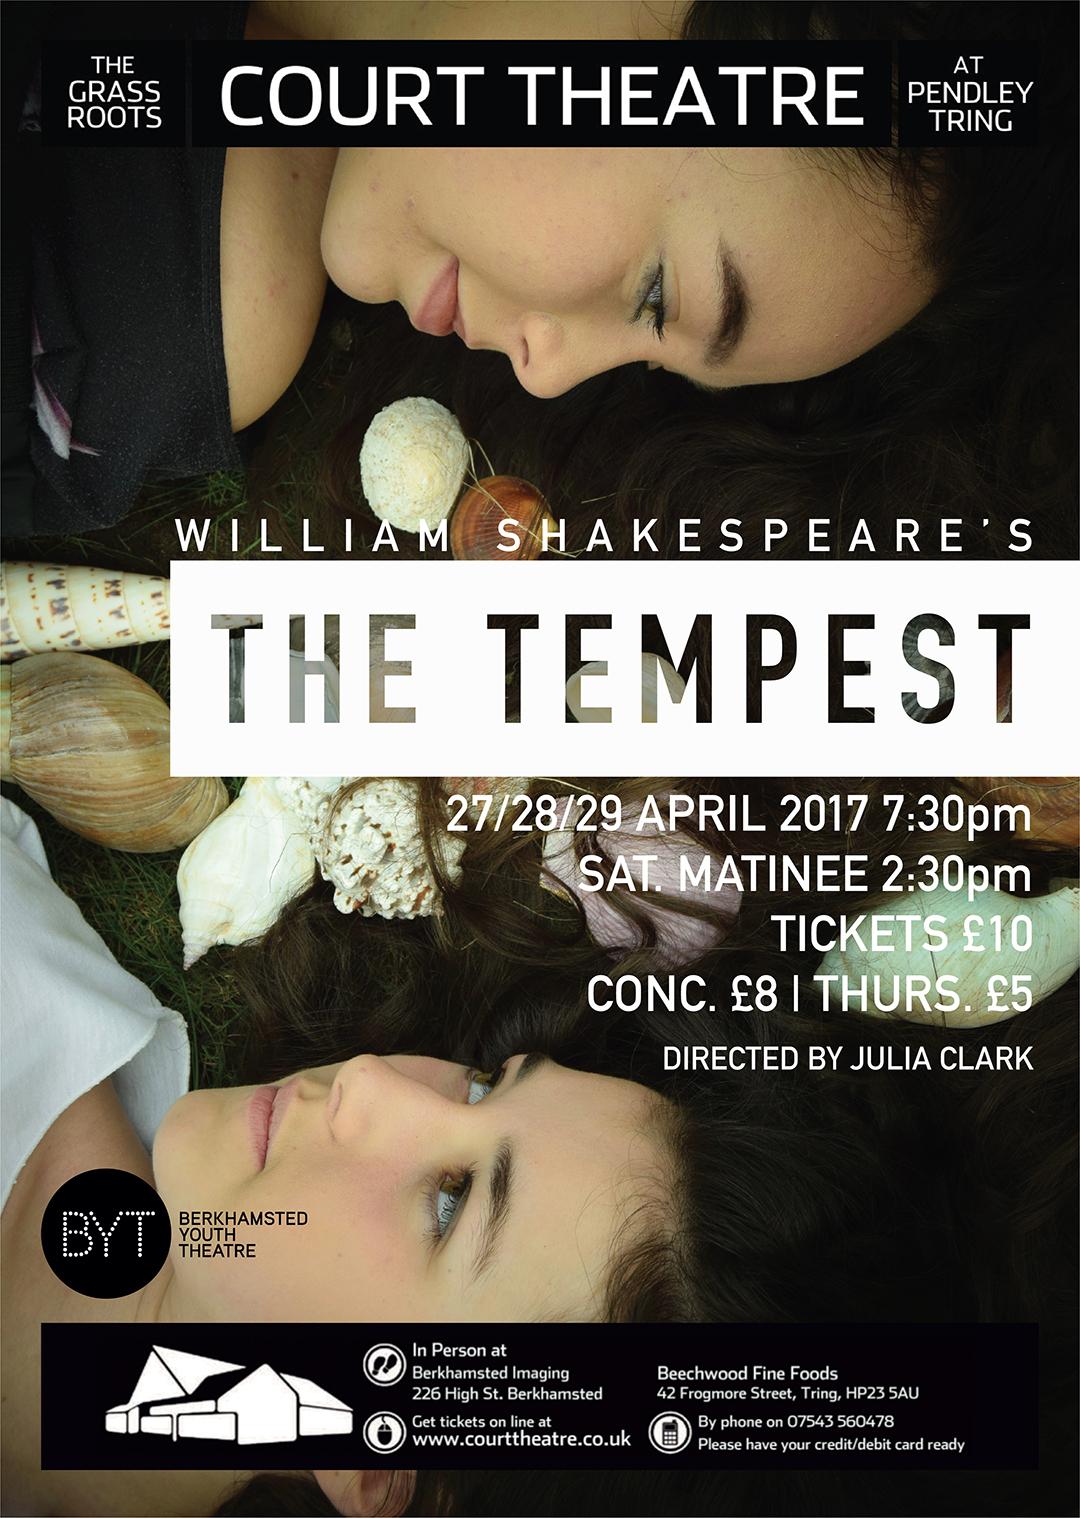 The Tempest - April 2017